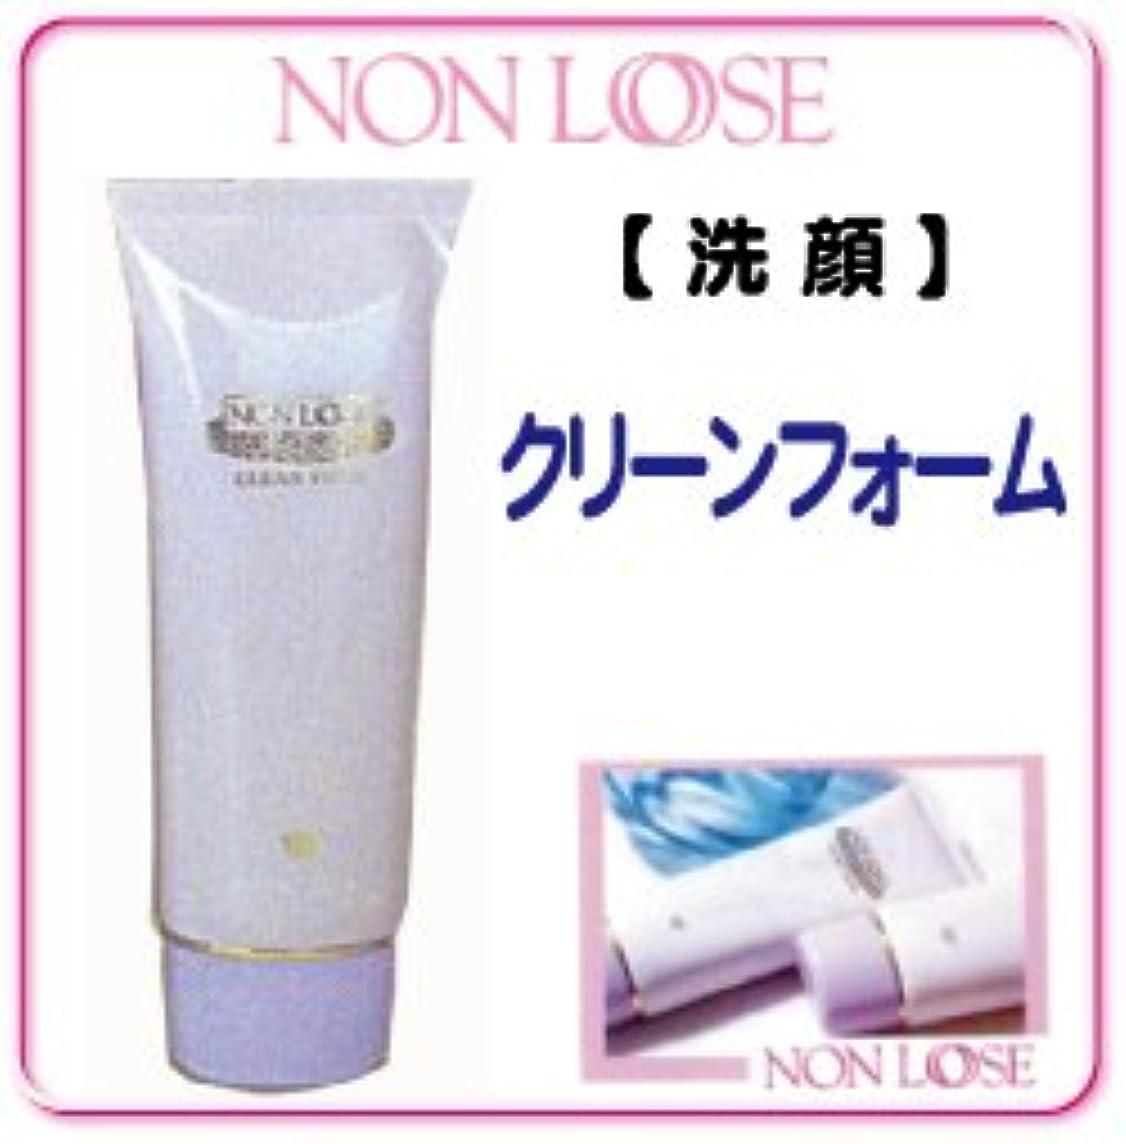 口ひげ加速する蚊ベルマン化粧品 ノンル―ス クリーンフォーム 100g 【洗顔料】